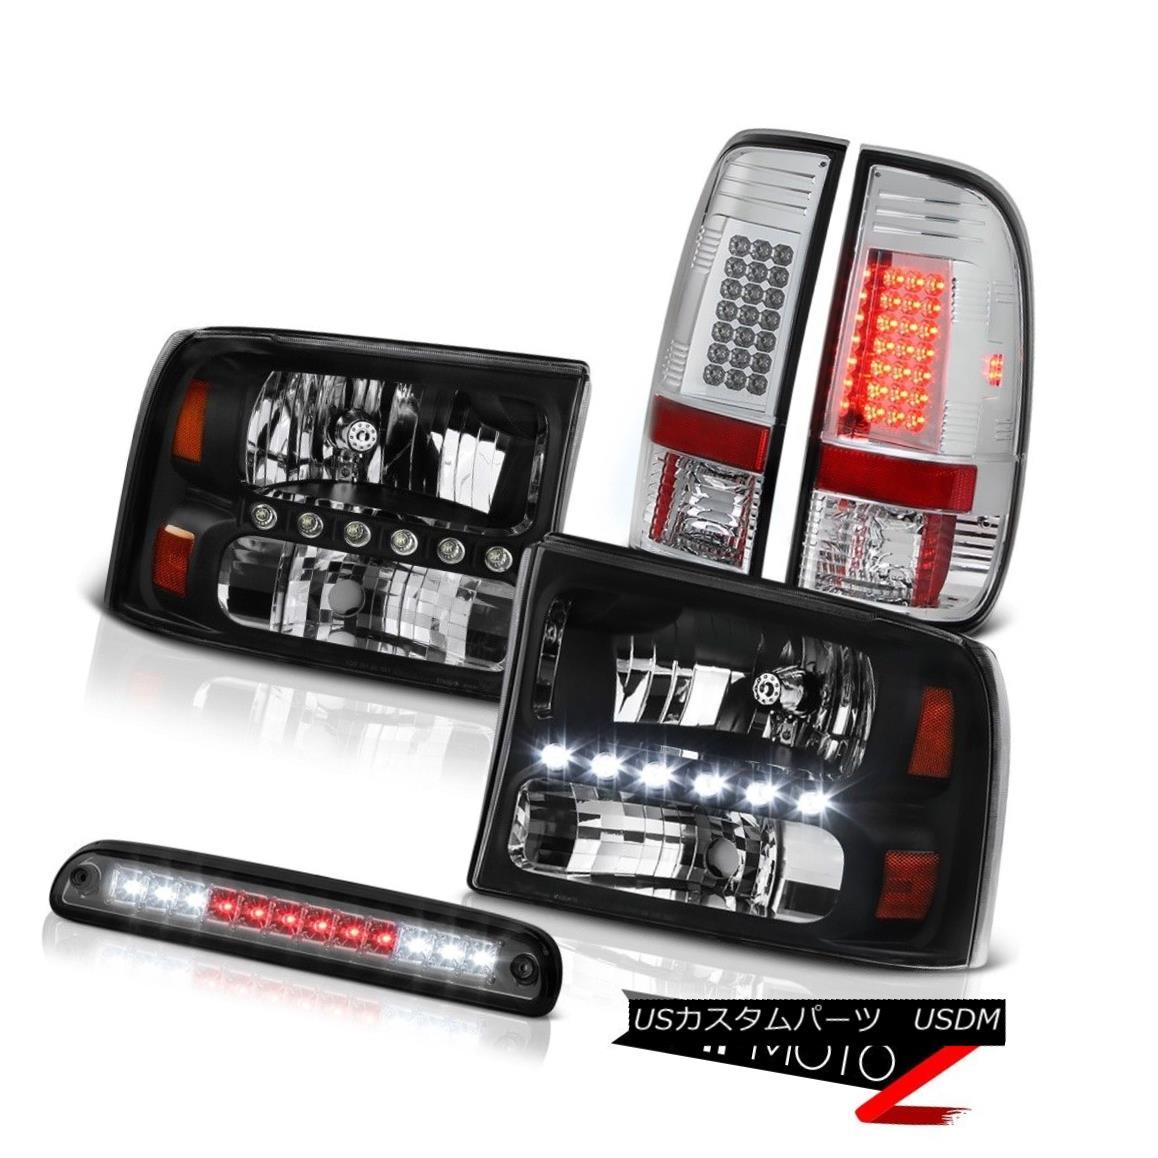 ヘッドライト Black Headlights Headlamps Tinted 3rd Brake LED Chrome Tail Light 99-04 F250 ブラックヘッドライトヘッドランプは第3ブレーキを発色します。クロームテールライト99-04 F250